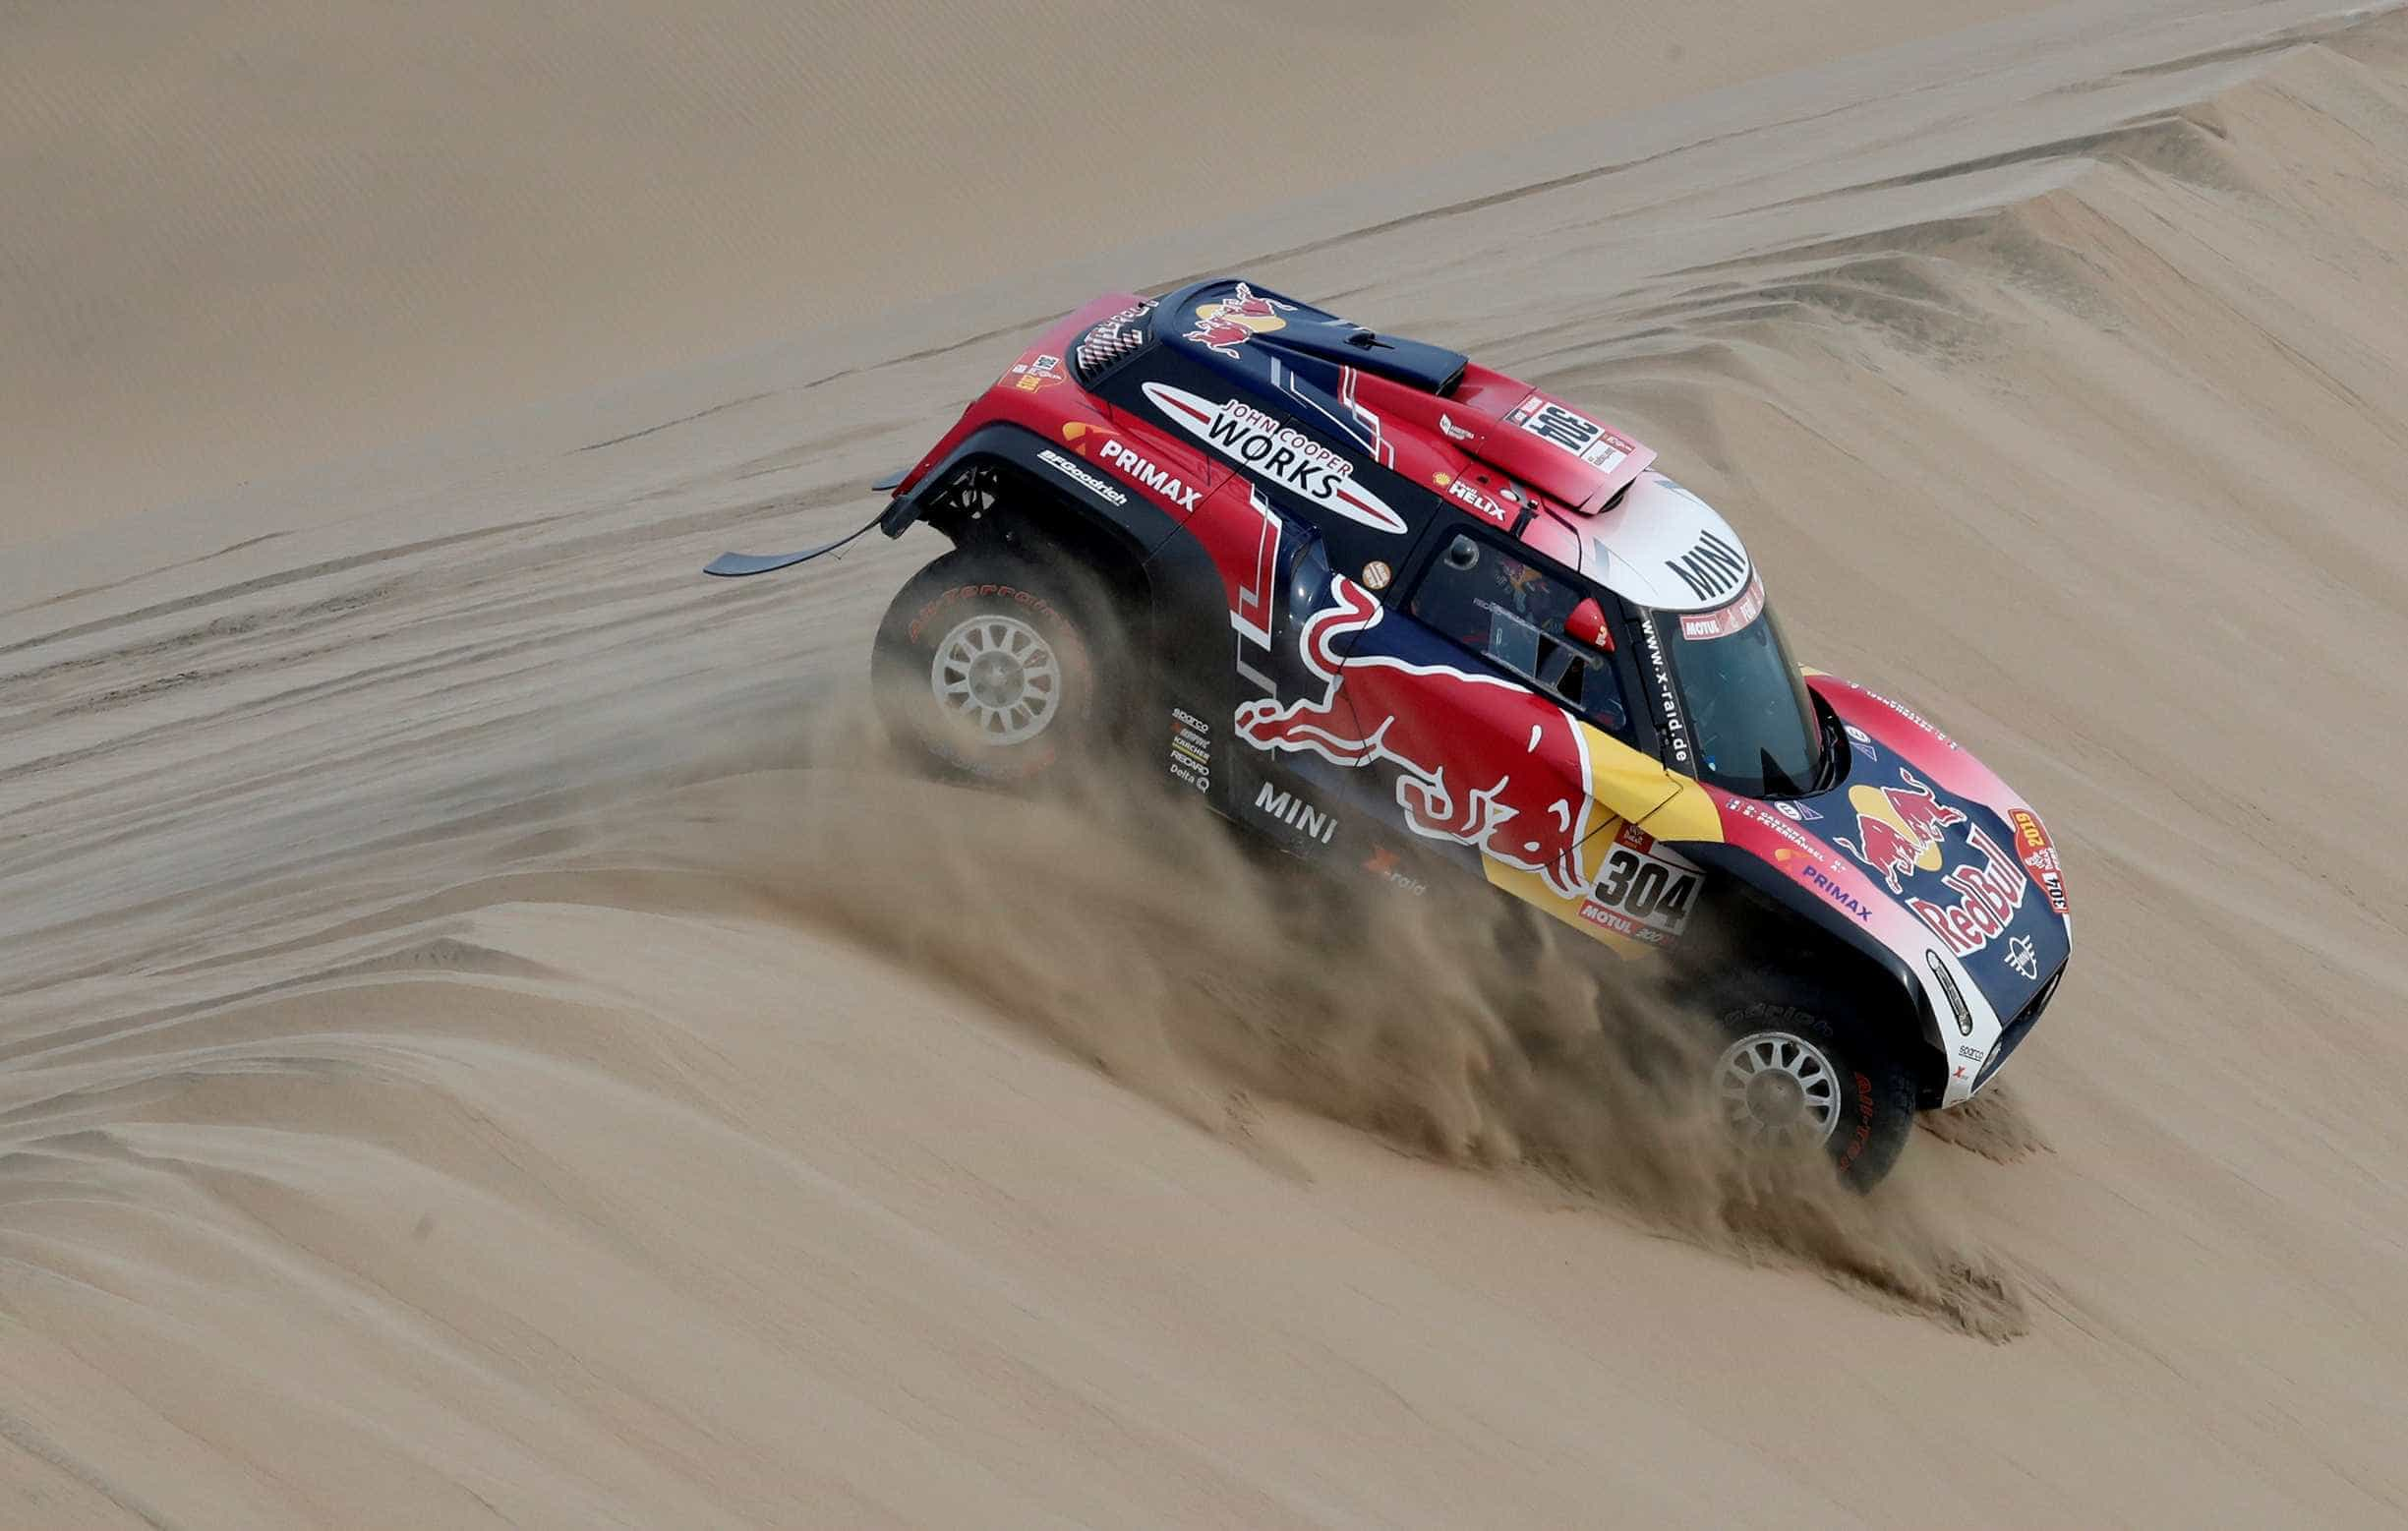 Oficial: Rali Dakar muda-se para a Arábia Saudita já em 2020